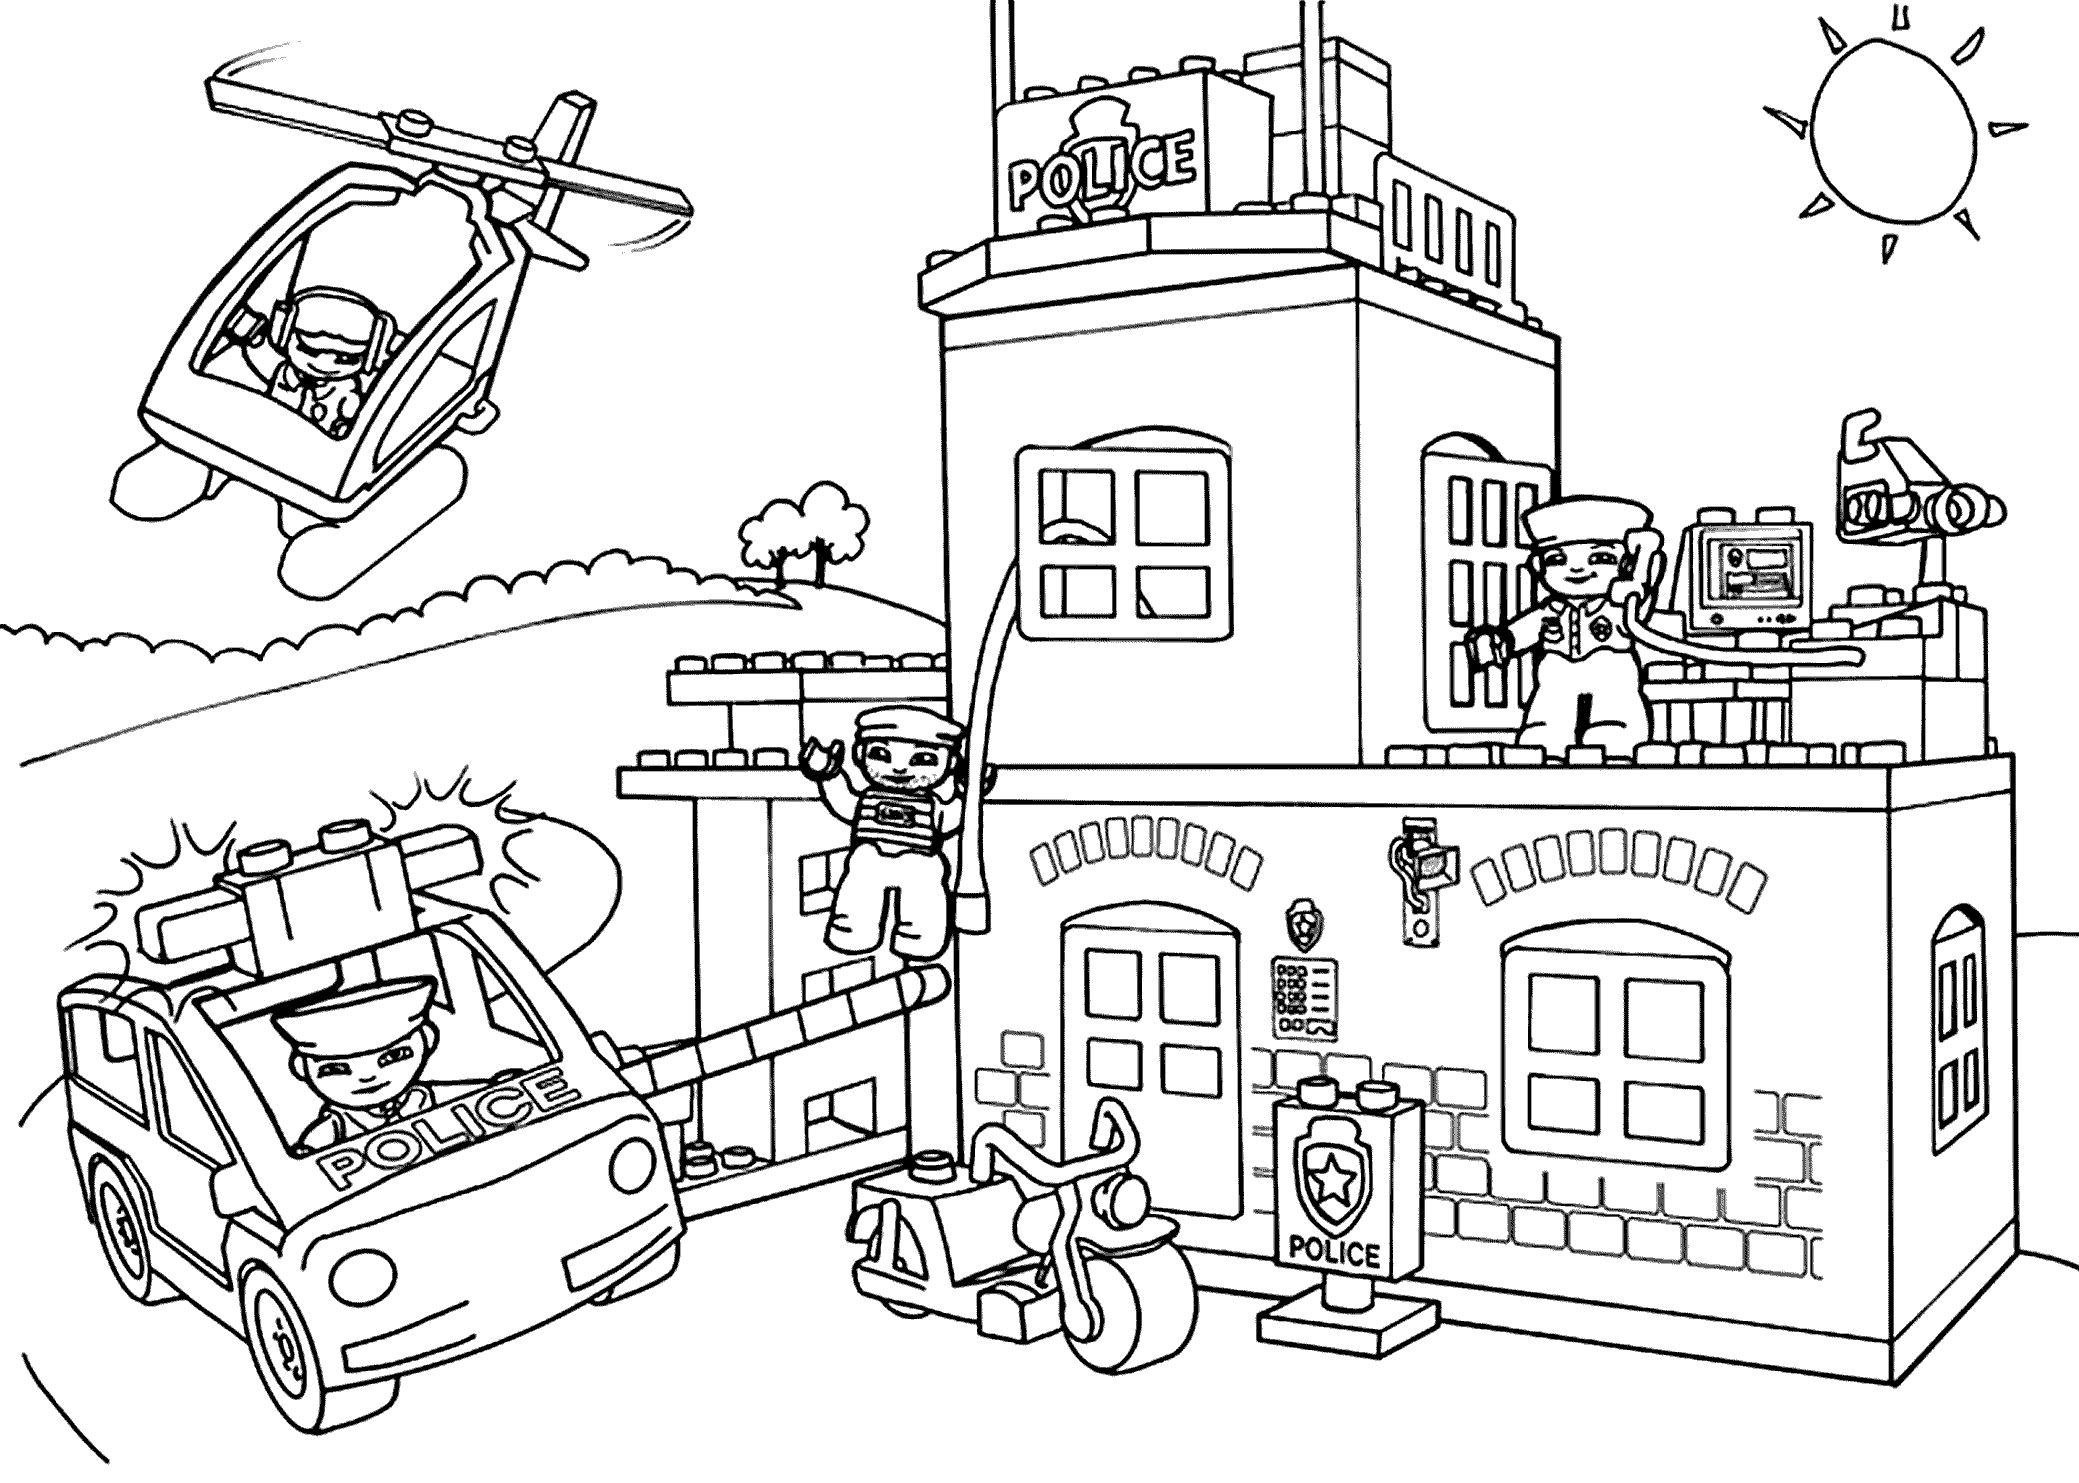 Lego City Coloring Pages Free Printable Ausmalbilder Ausmalen Malvorlagen Zum Ausdrucken